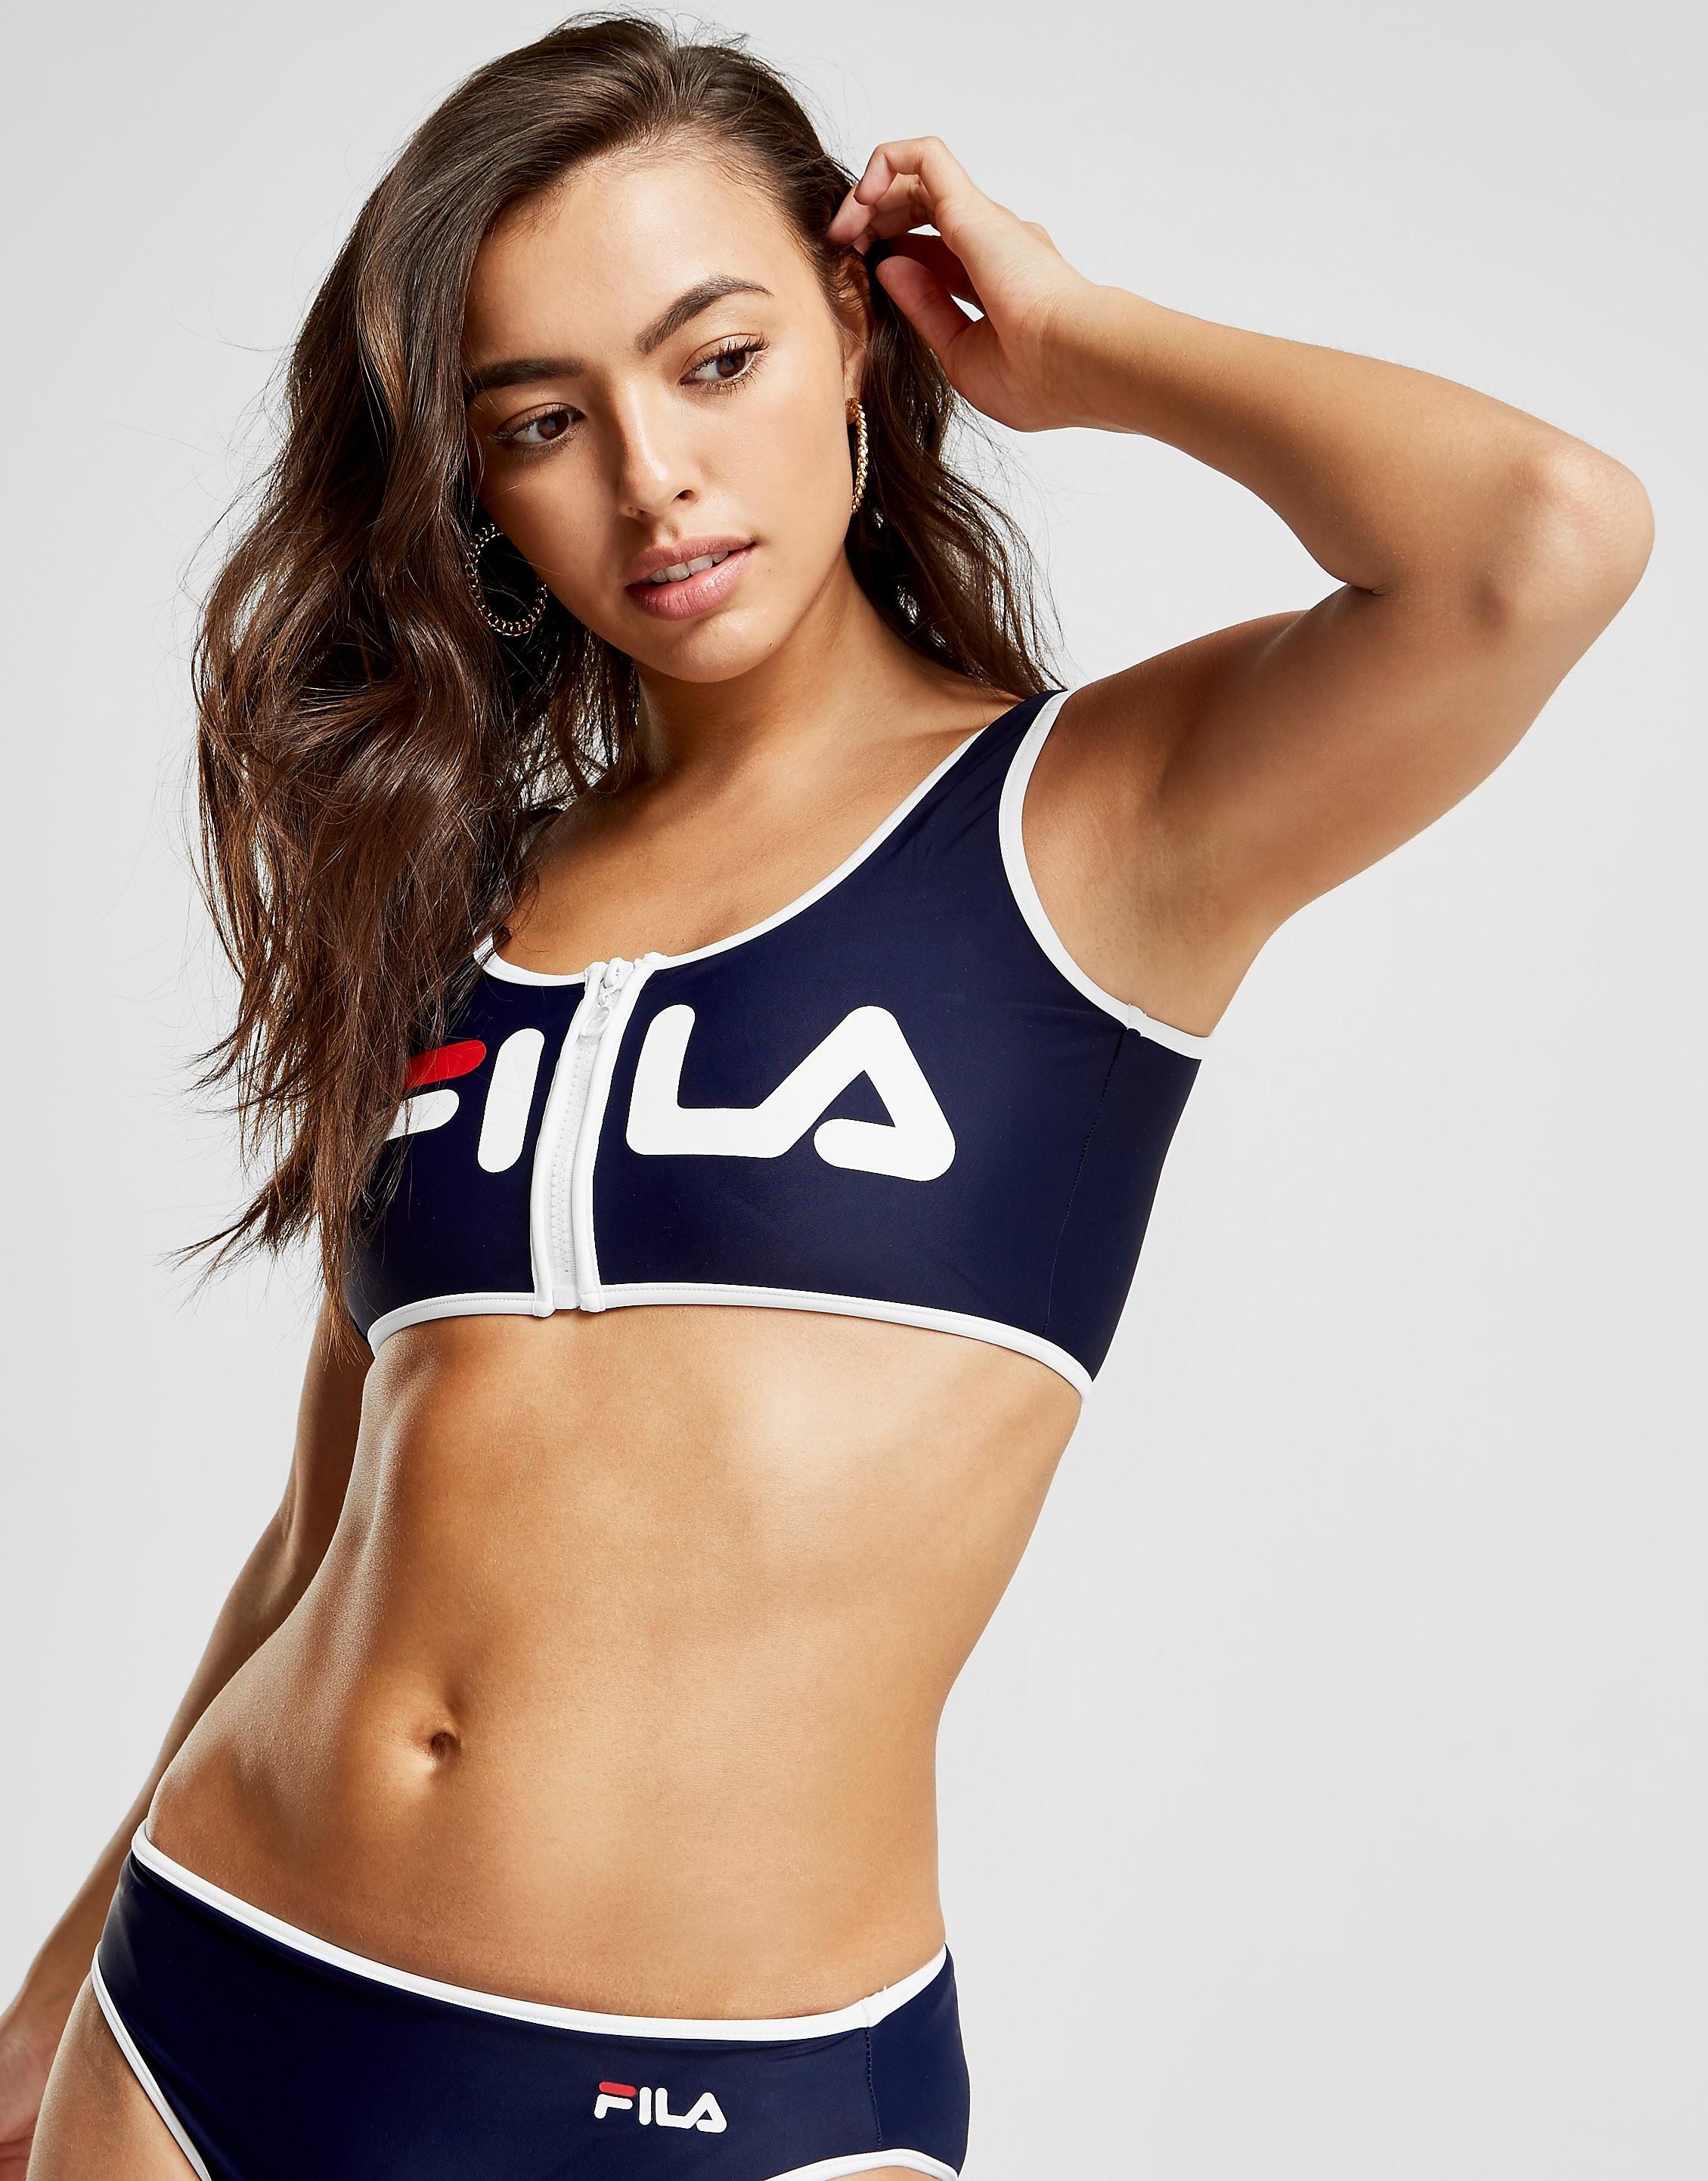 Fila Zip Bikini Top